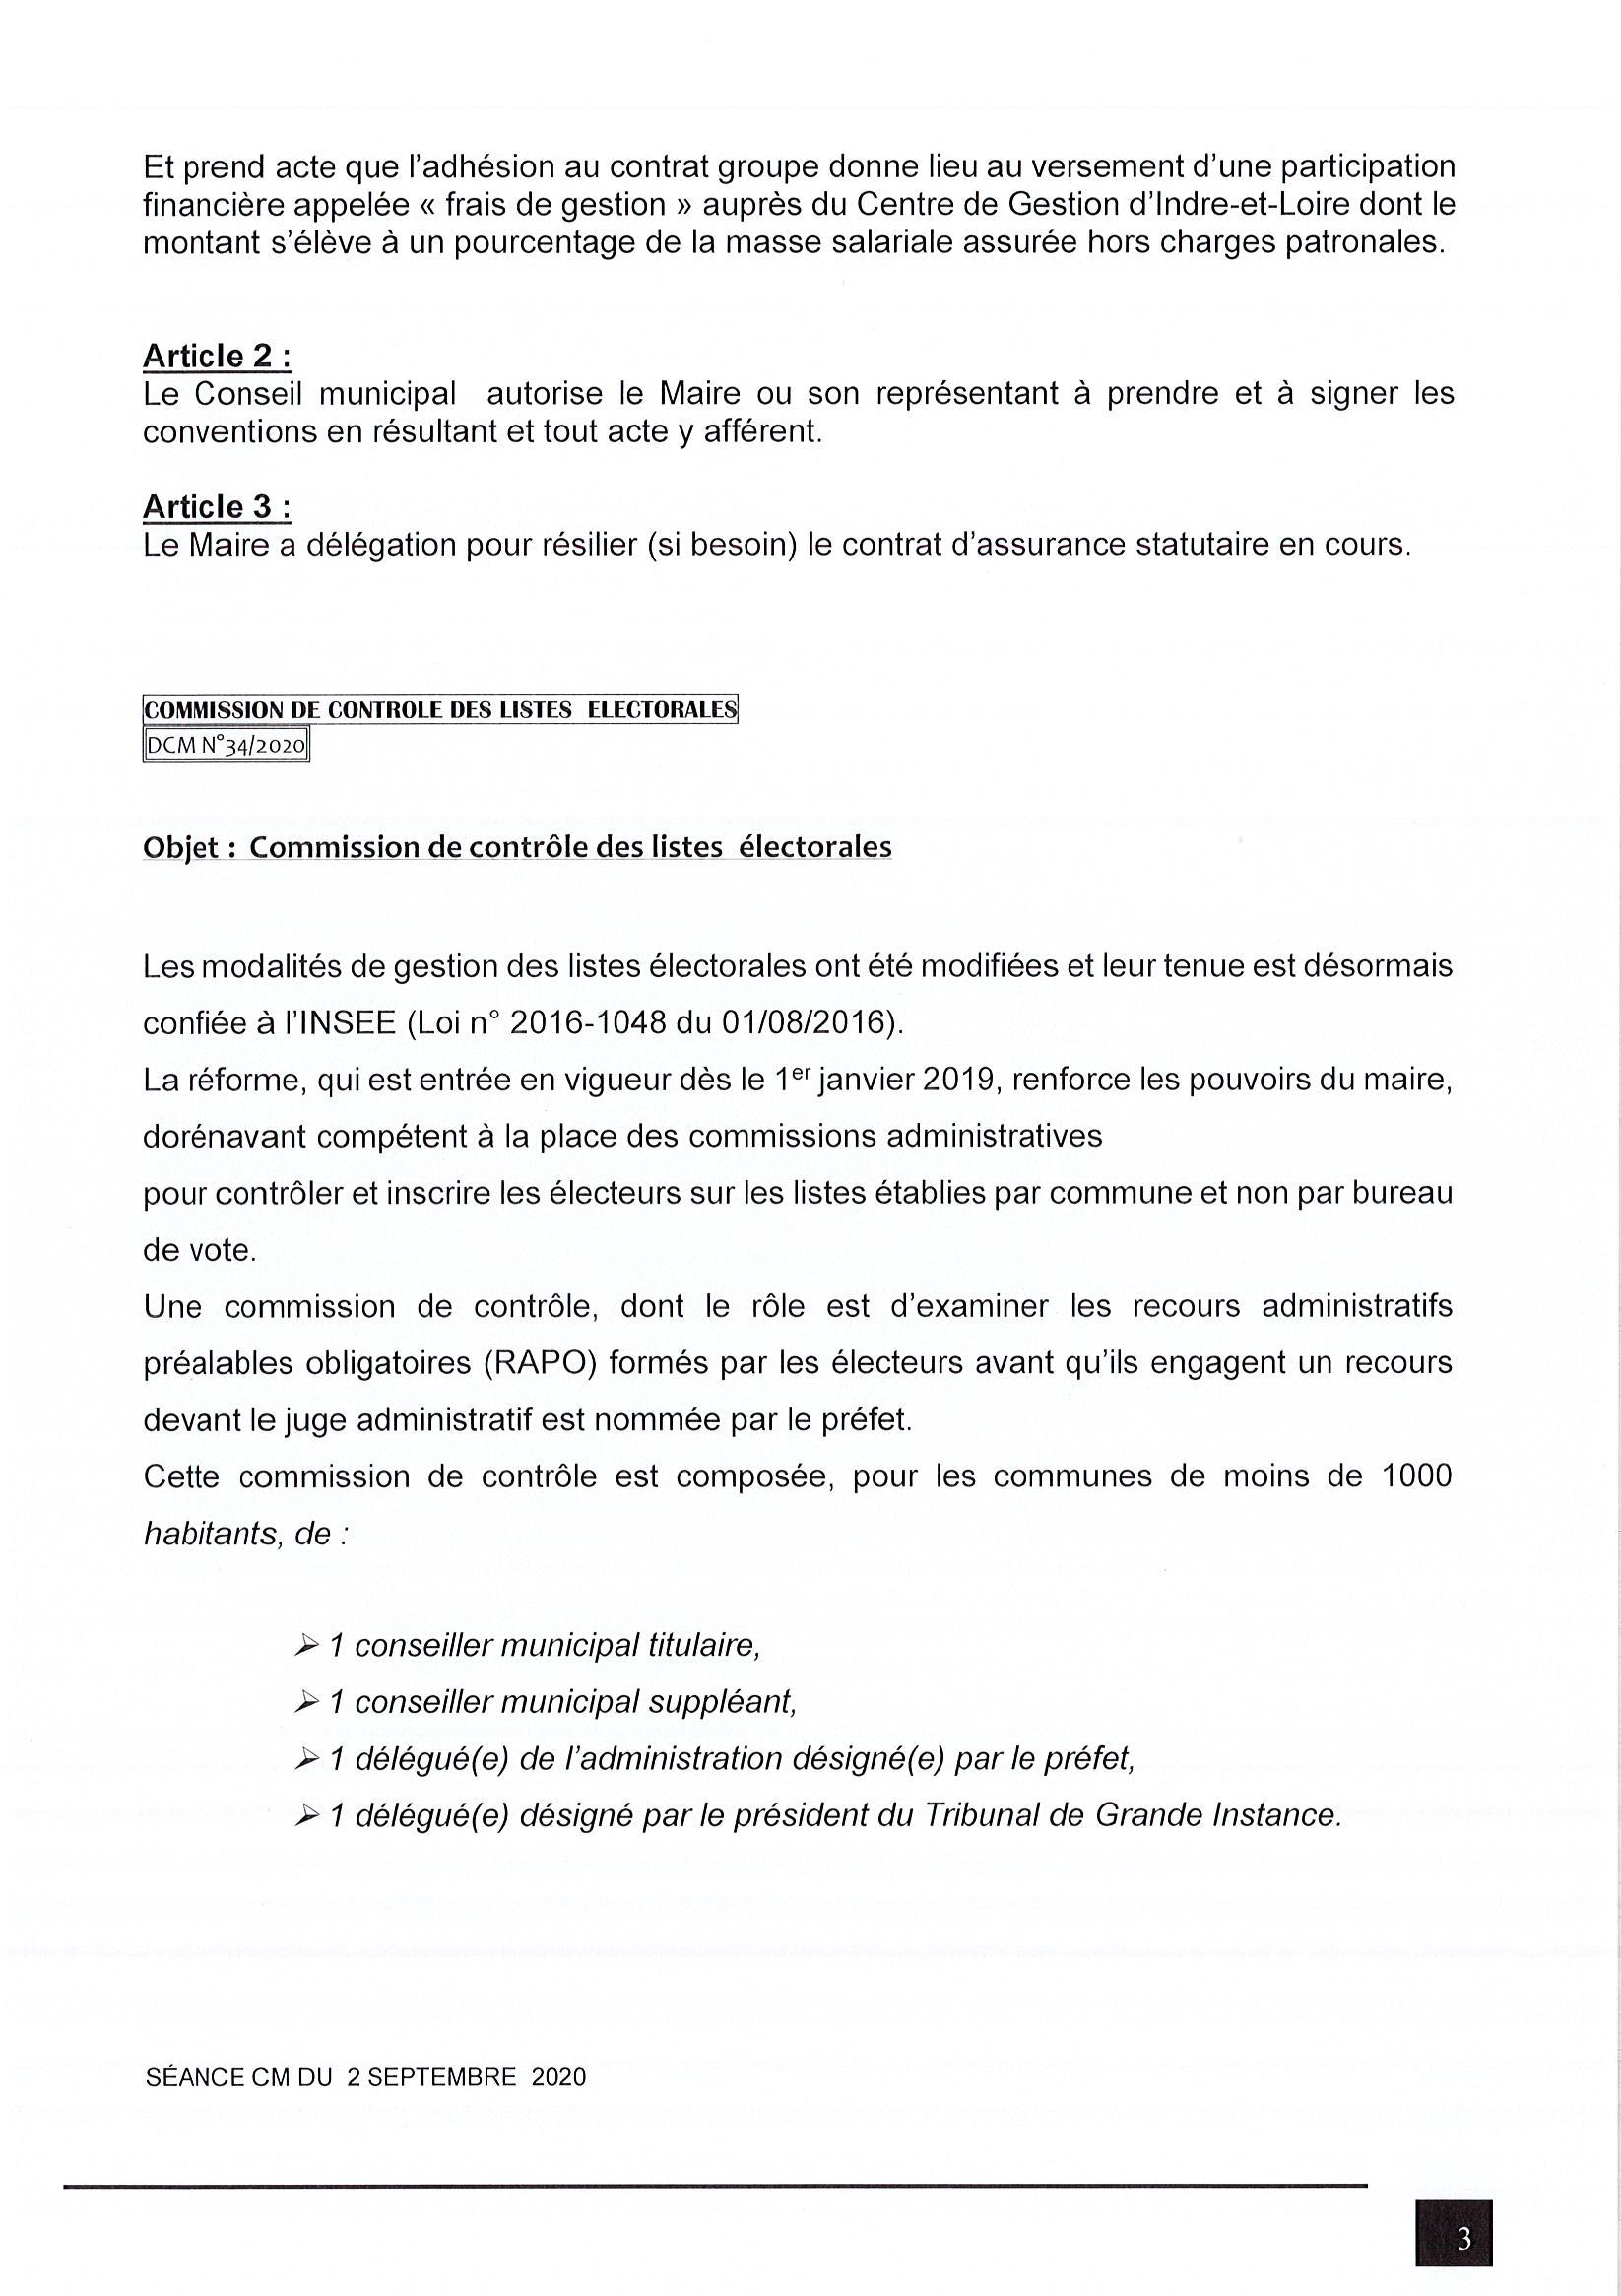 accueil/doc101120-10112020121830-0030.jpg